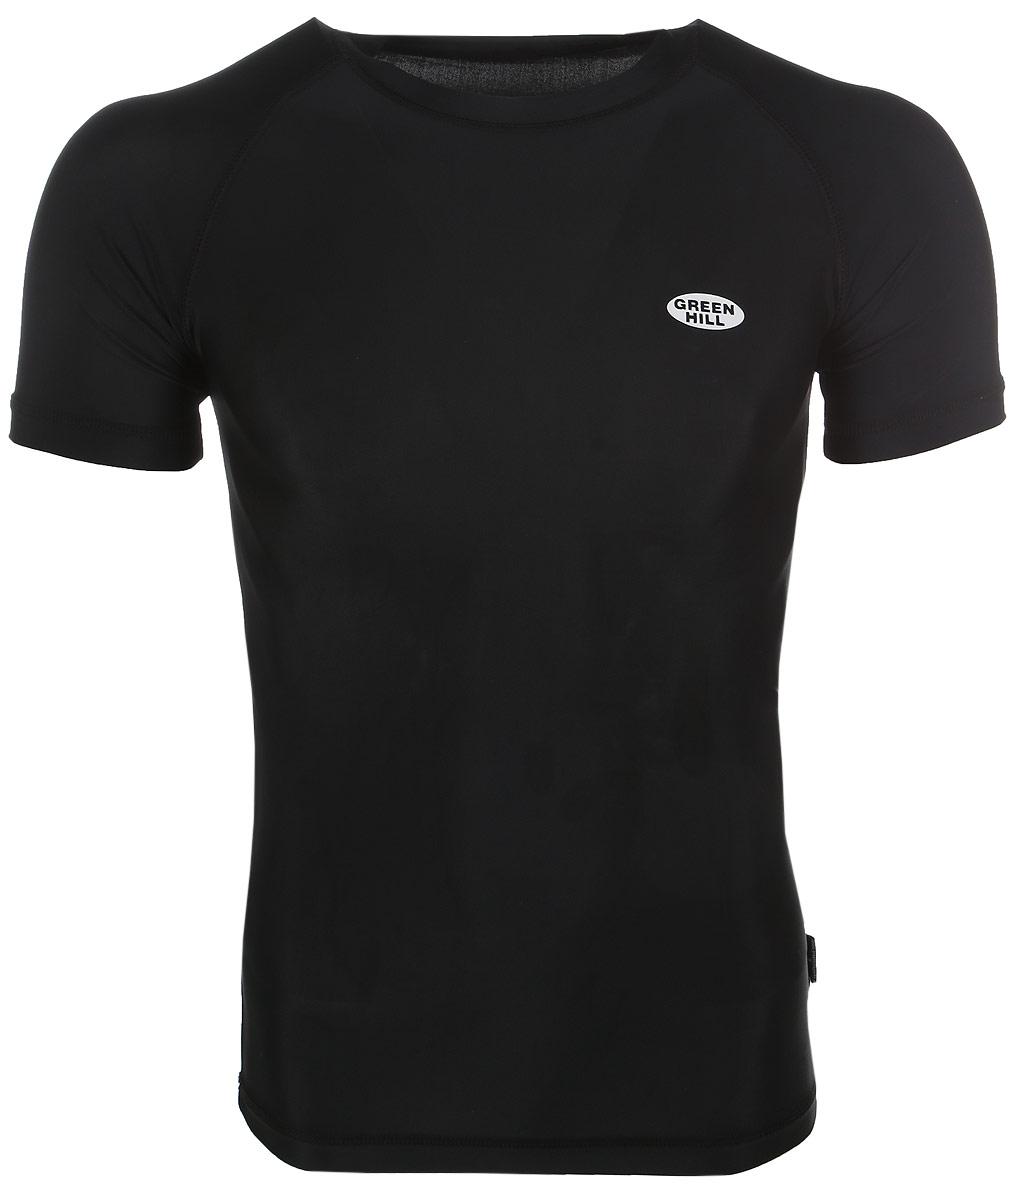 Защитная футболка Green Hill, цвет: черный. Размер M. RGS-3558RGS-3558Защитная футболка с логотипом дзюдо. Материал: полиэстер/лайкра. Размеры: Длина 63,5 см ширина 39,5 см